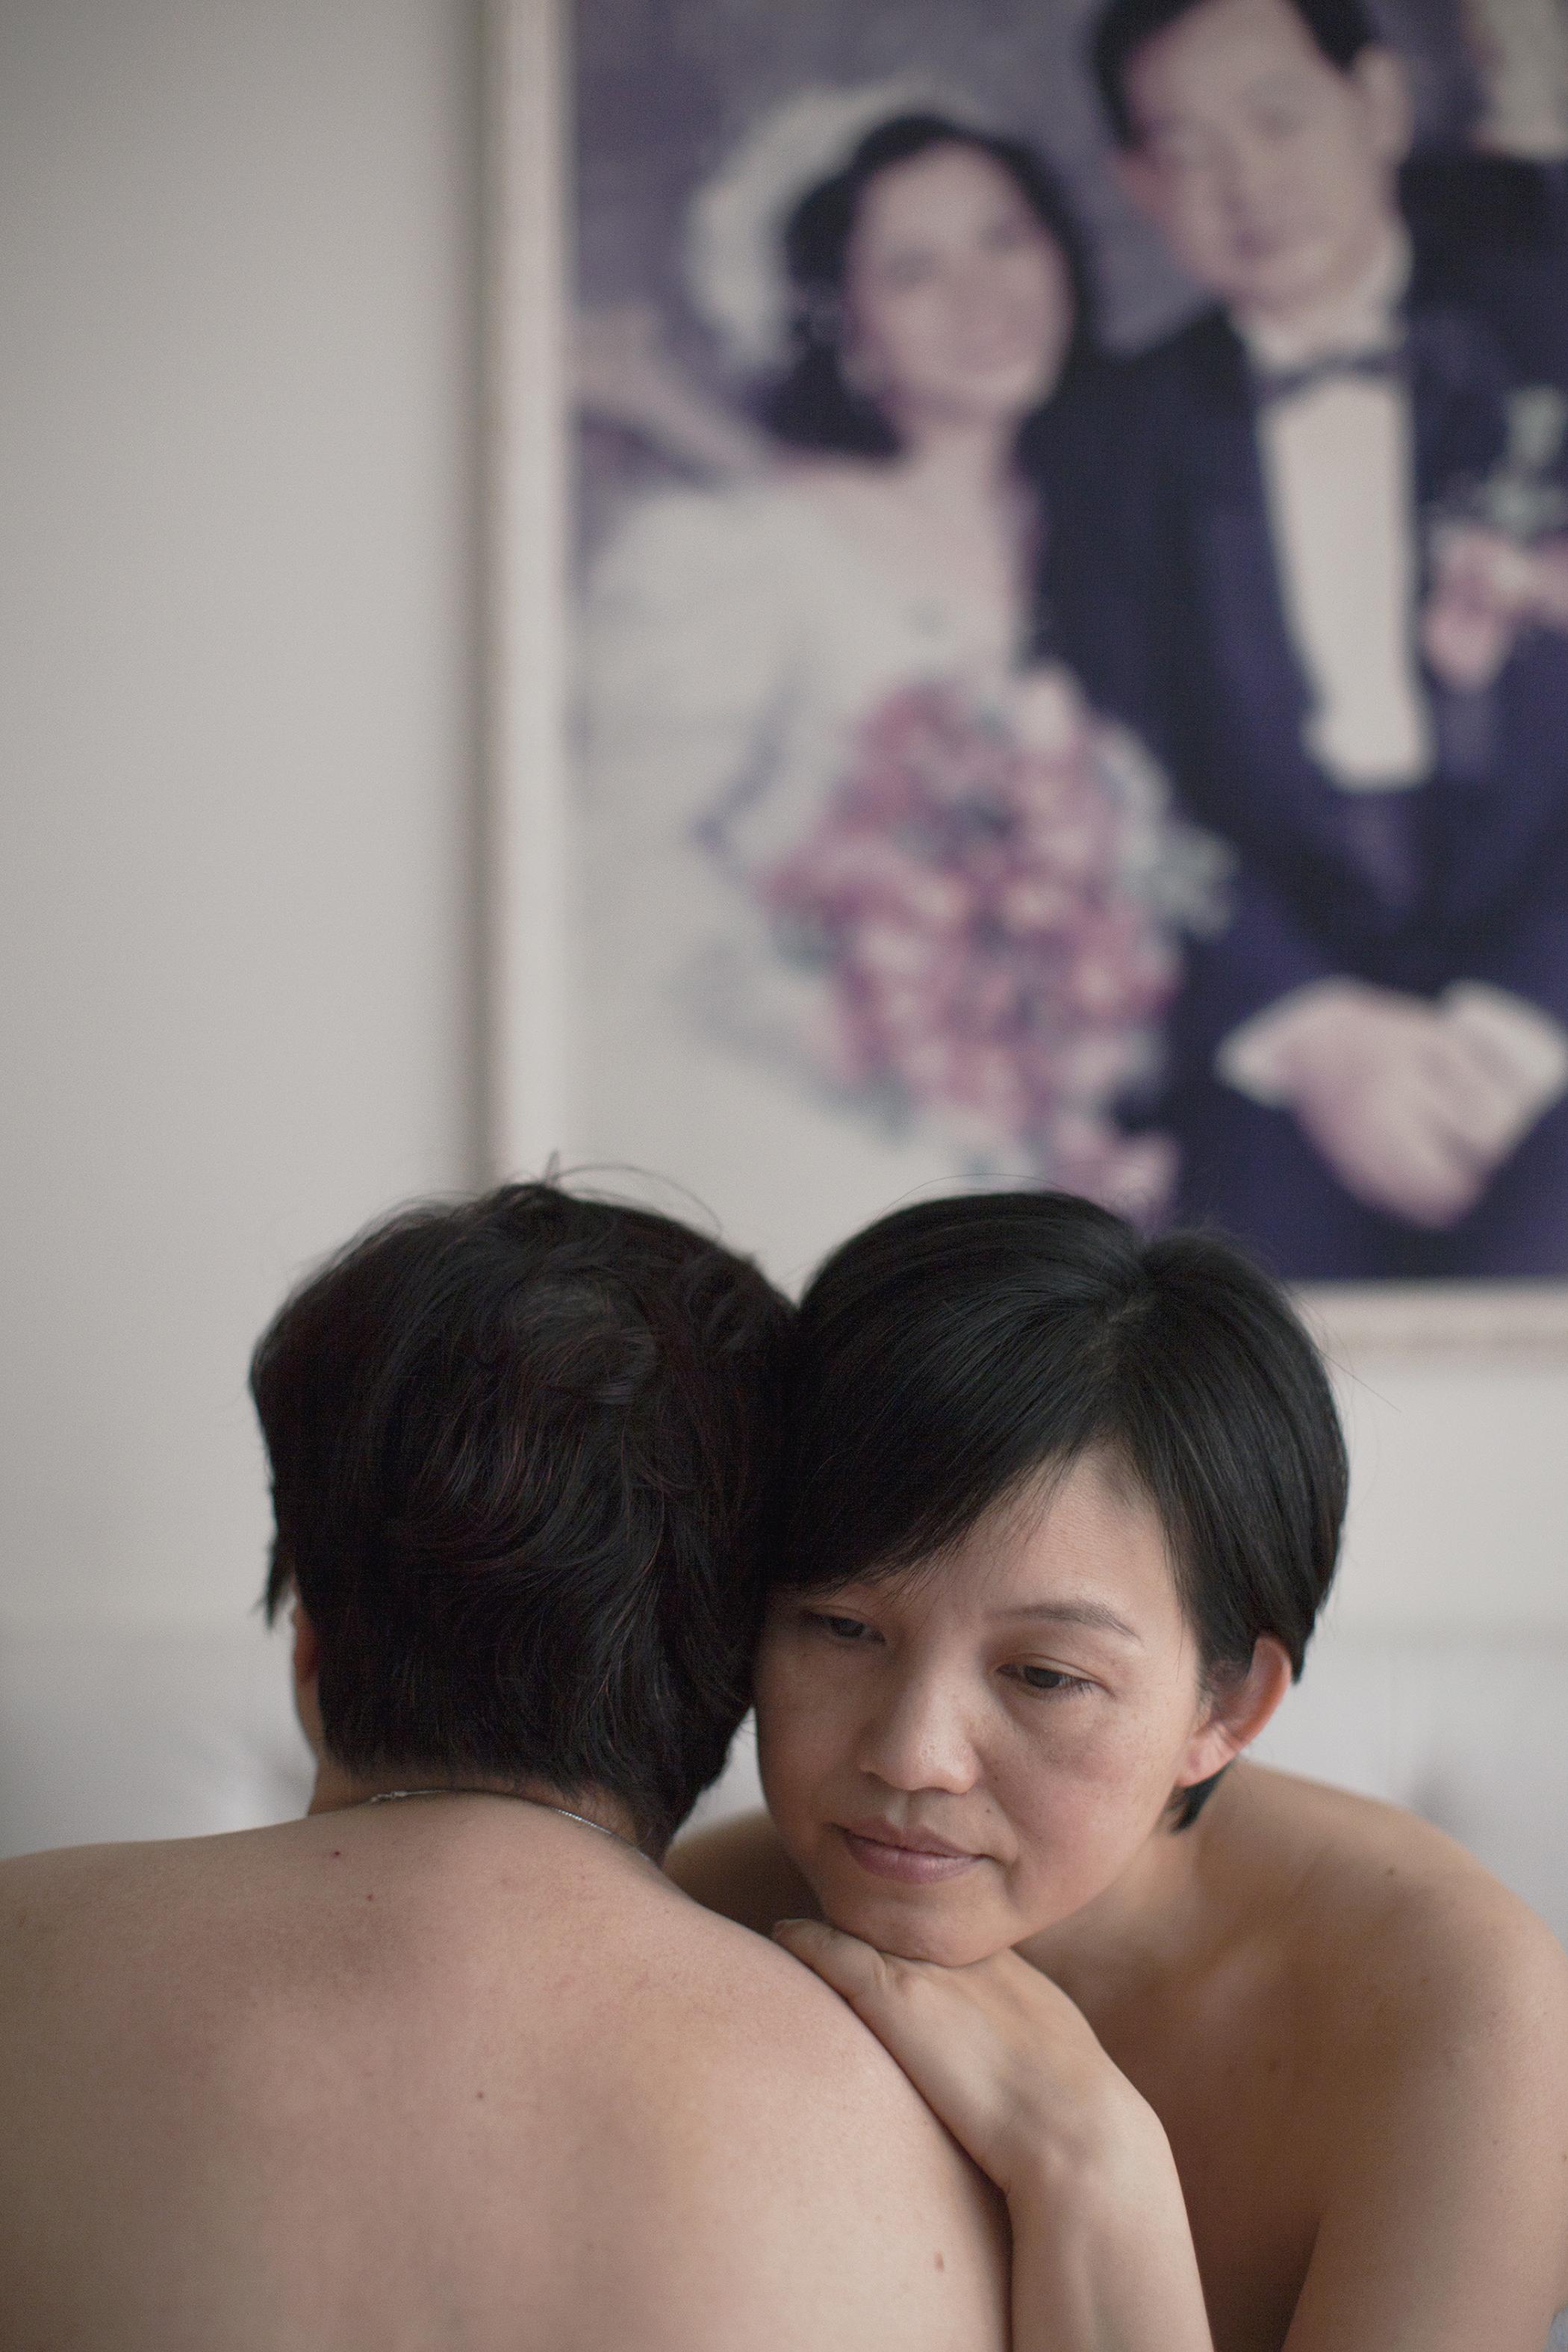 妈妈,婆婆,结婚照片.jpg